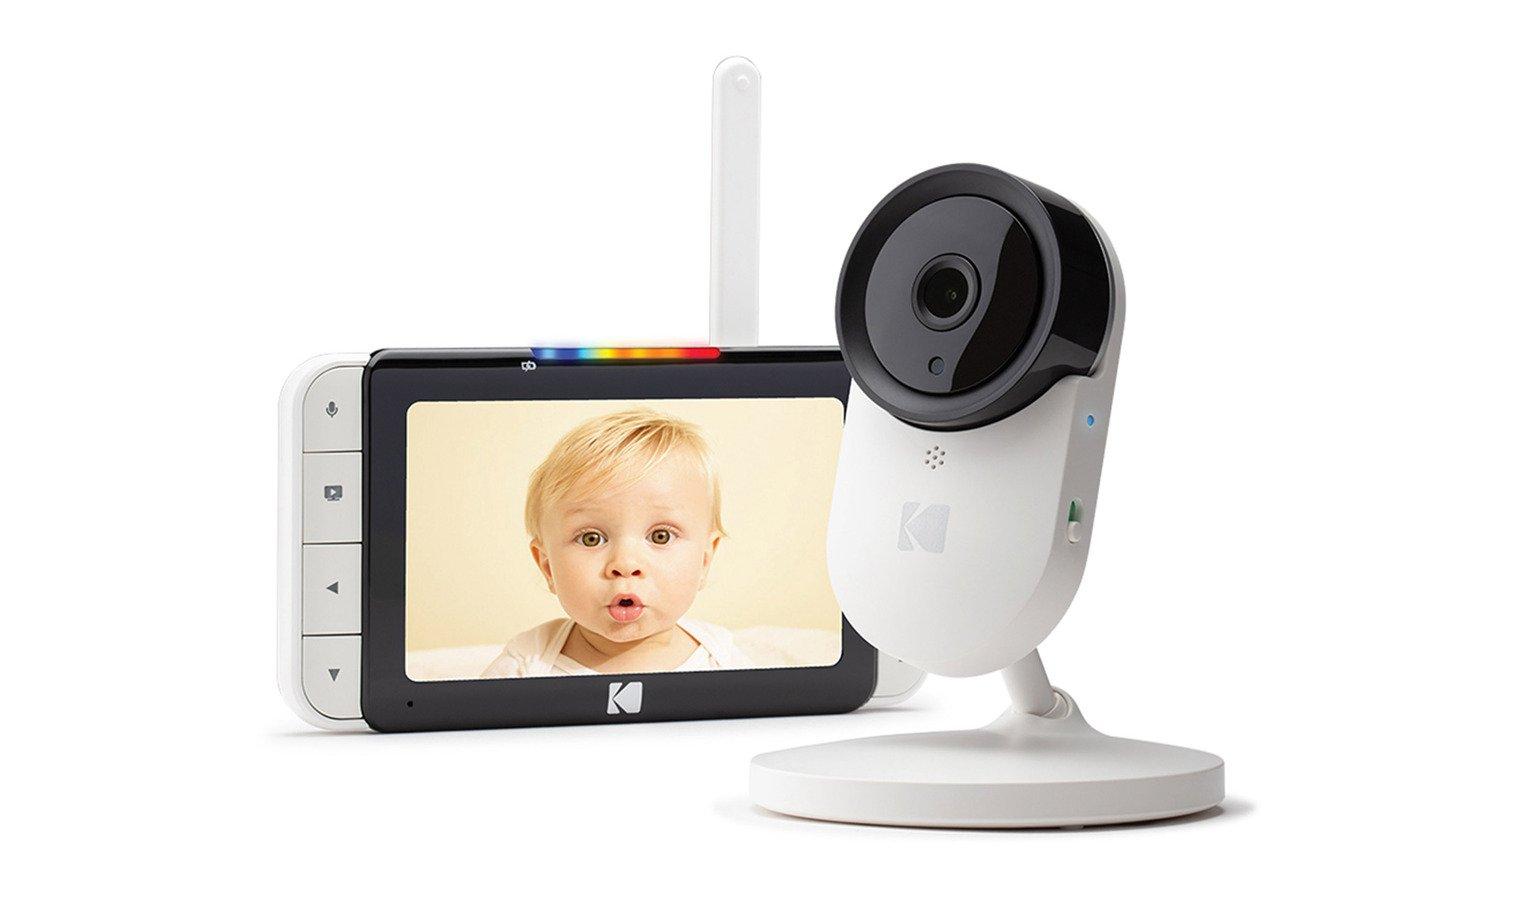 Kodak Cherish C520 5 Inch Smart Video Baby Monitor